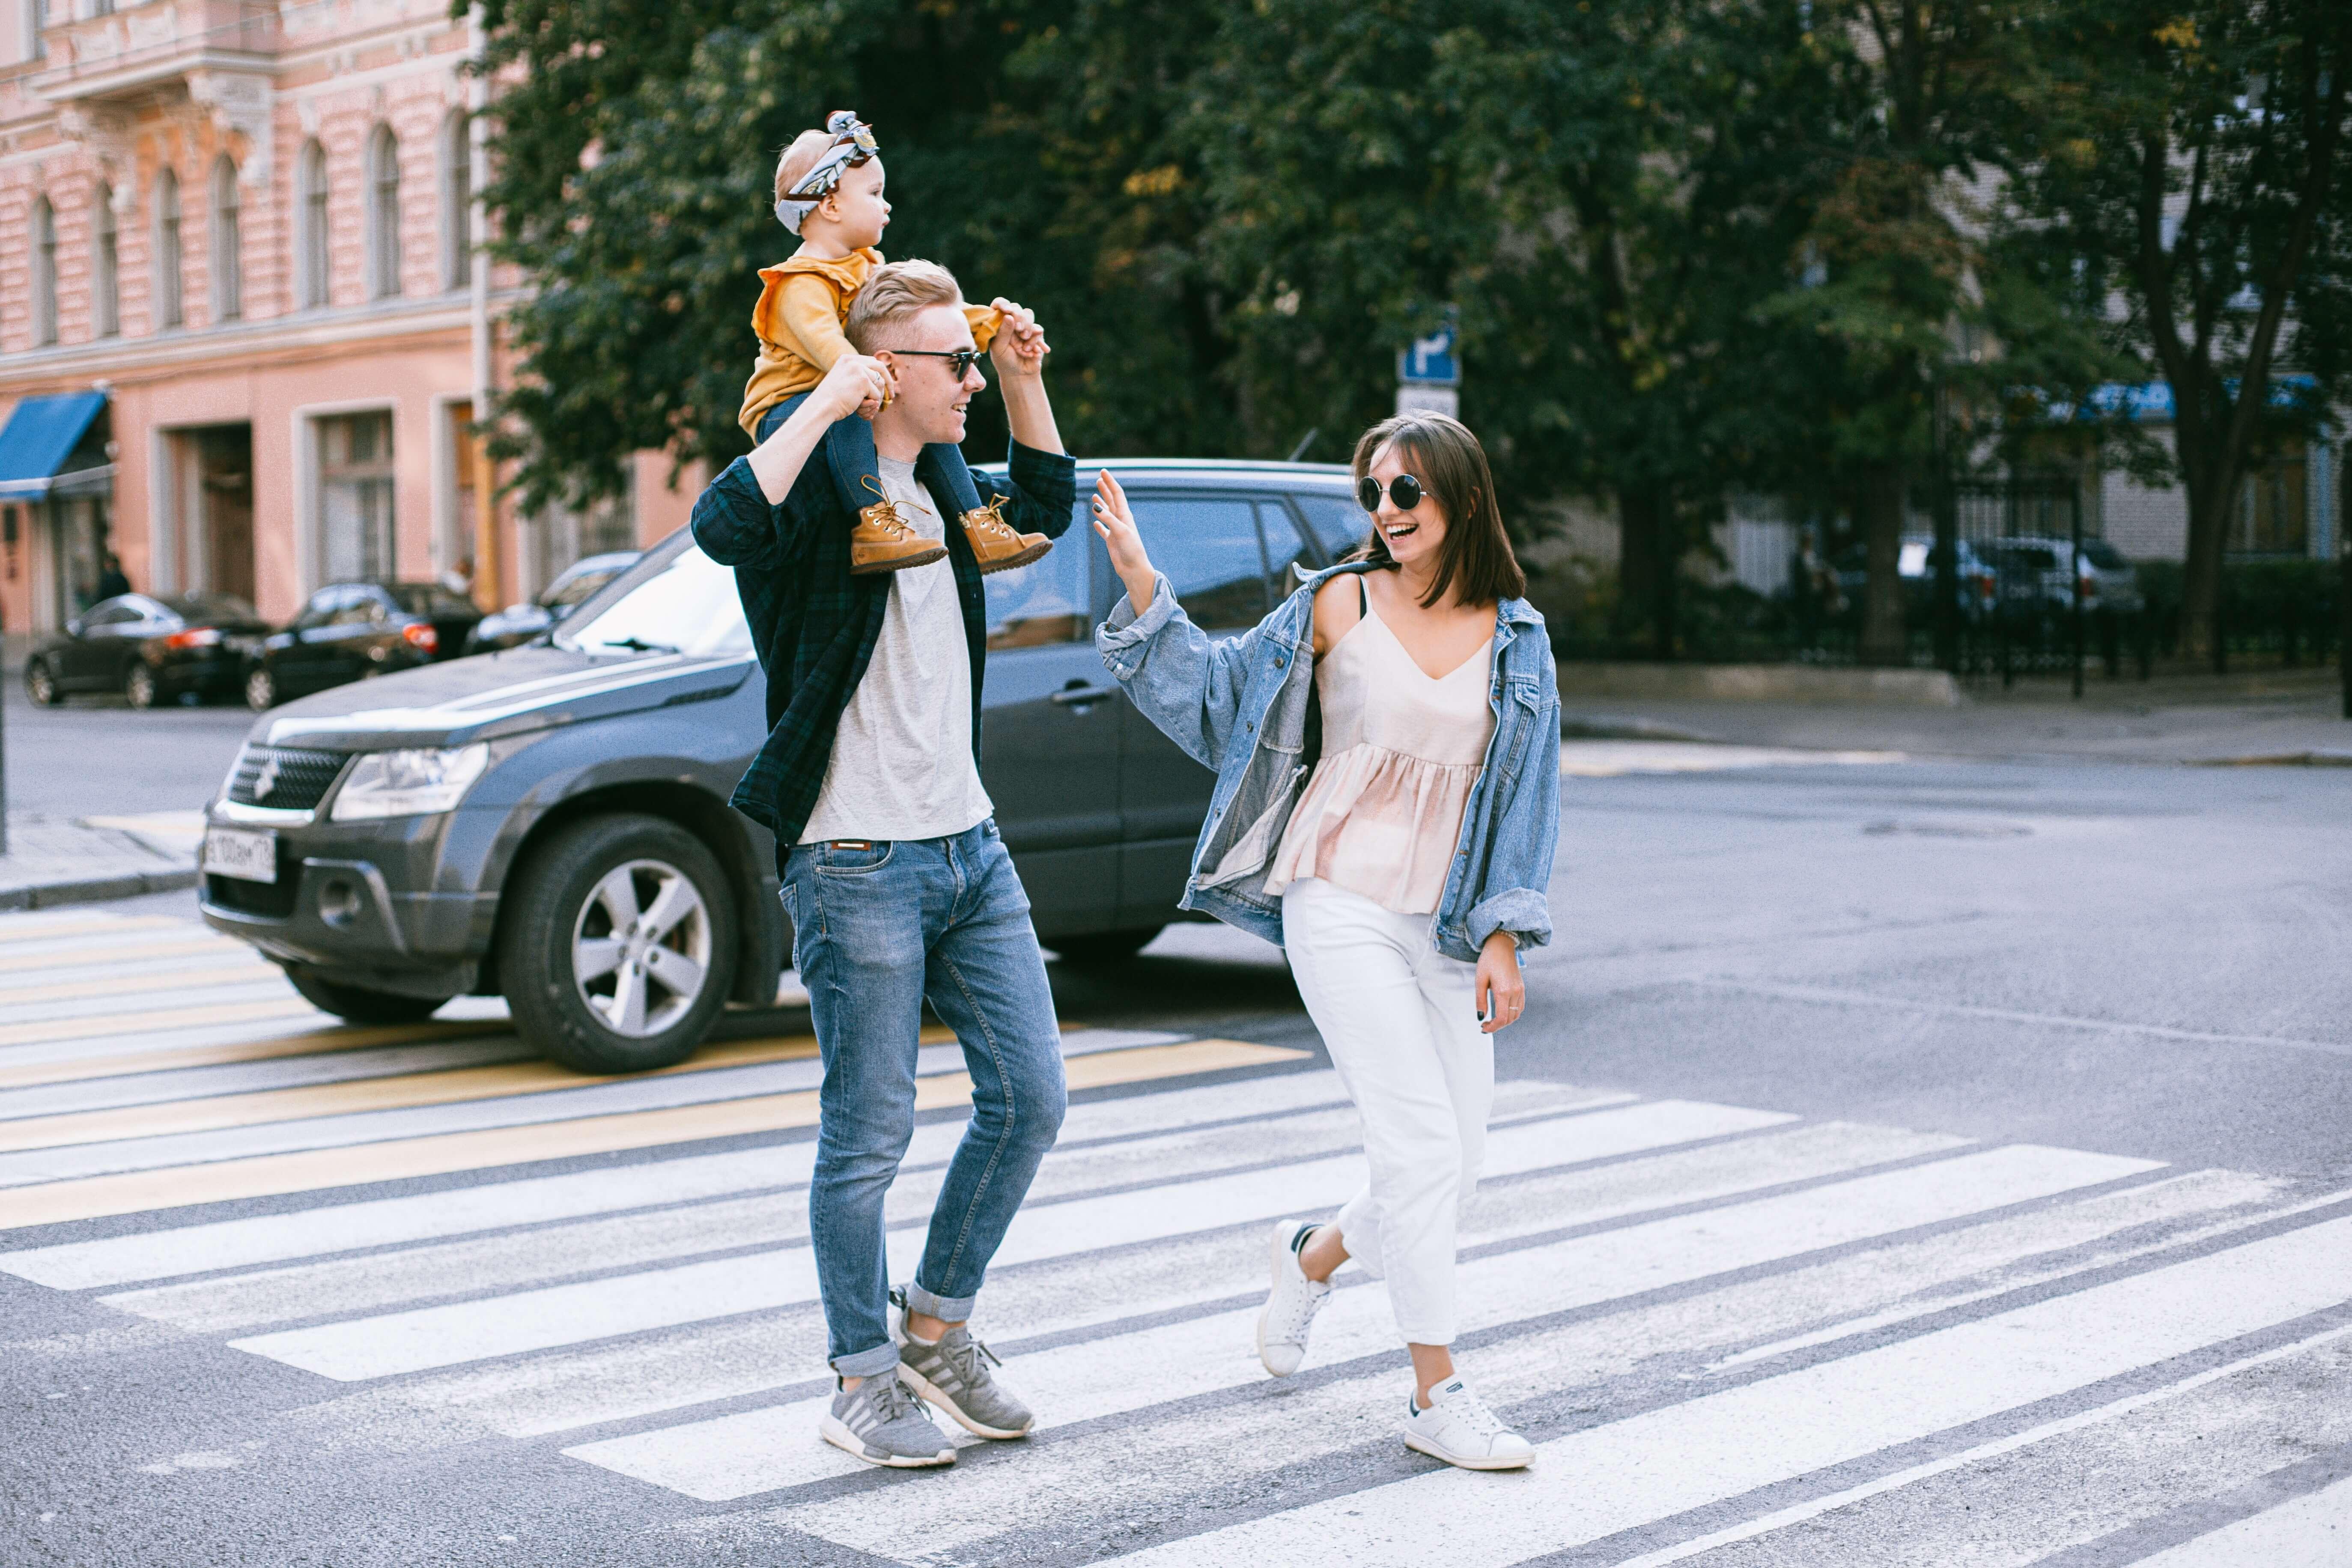 une famille dans la rue